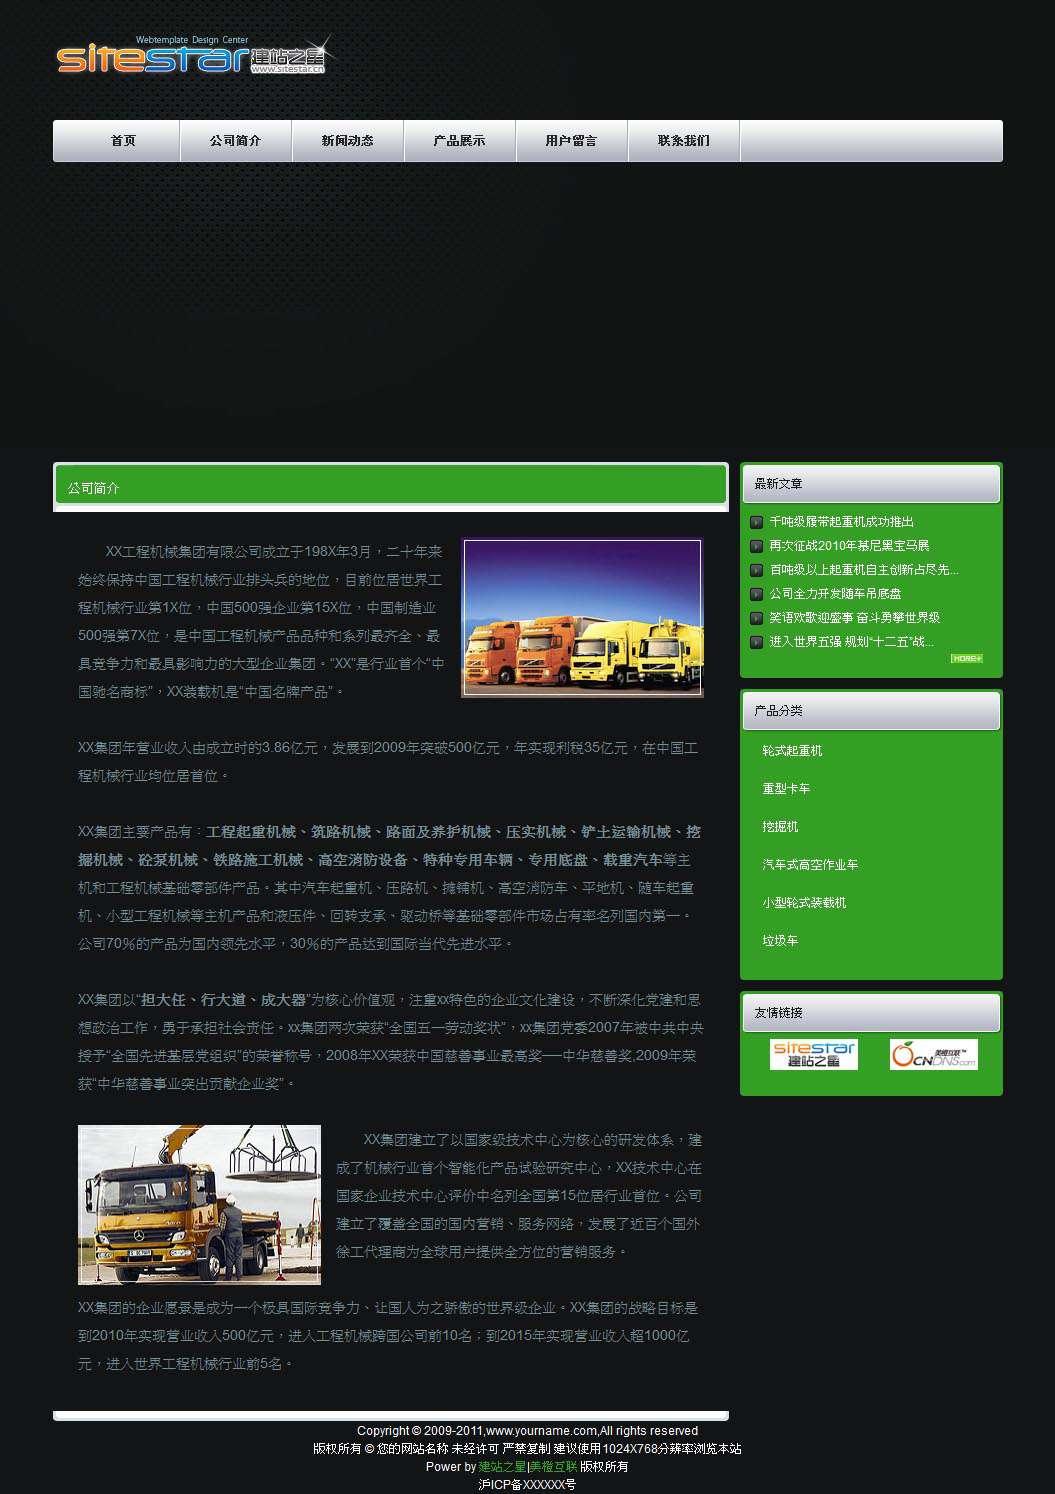 企业网站-机械A22模板关于我们页面